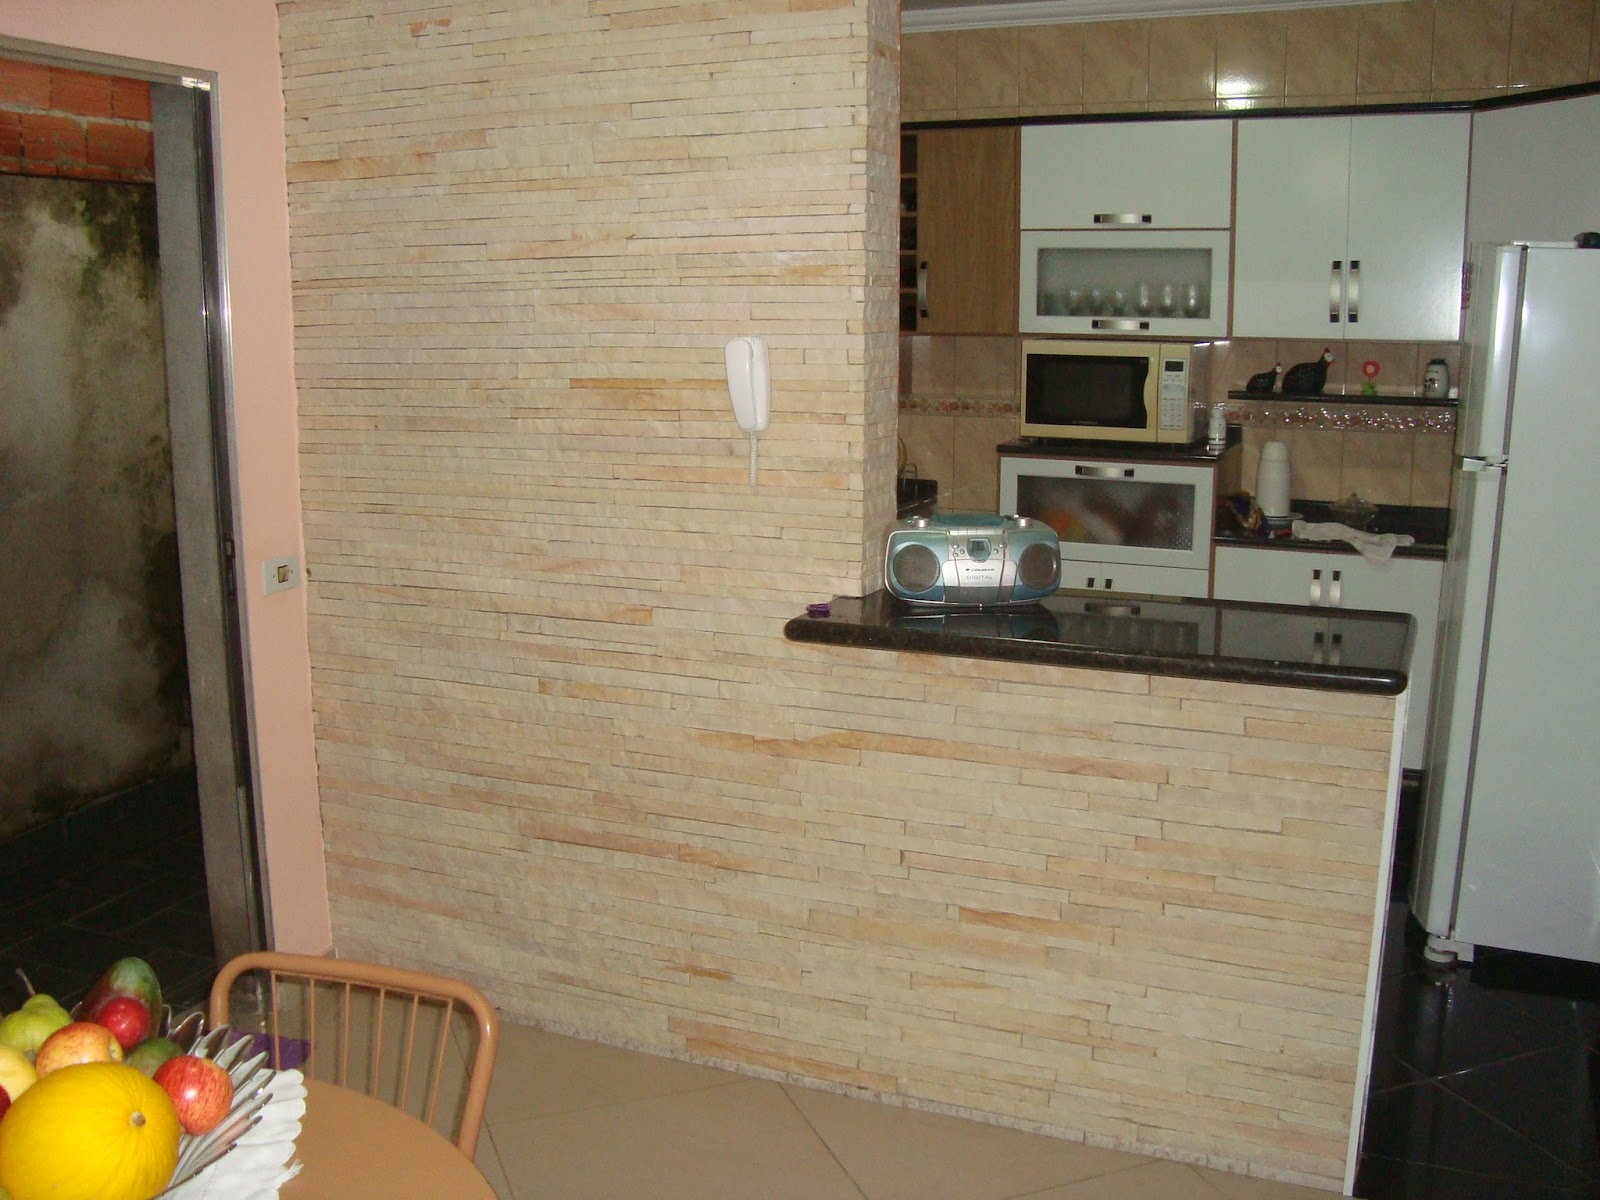 Fotos De Cozinha Planejada C Area De R 5265 00 Por R 2 632 00 10 #C7A204 1600 1200